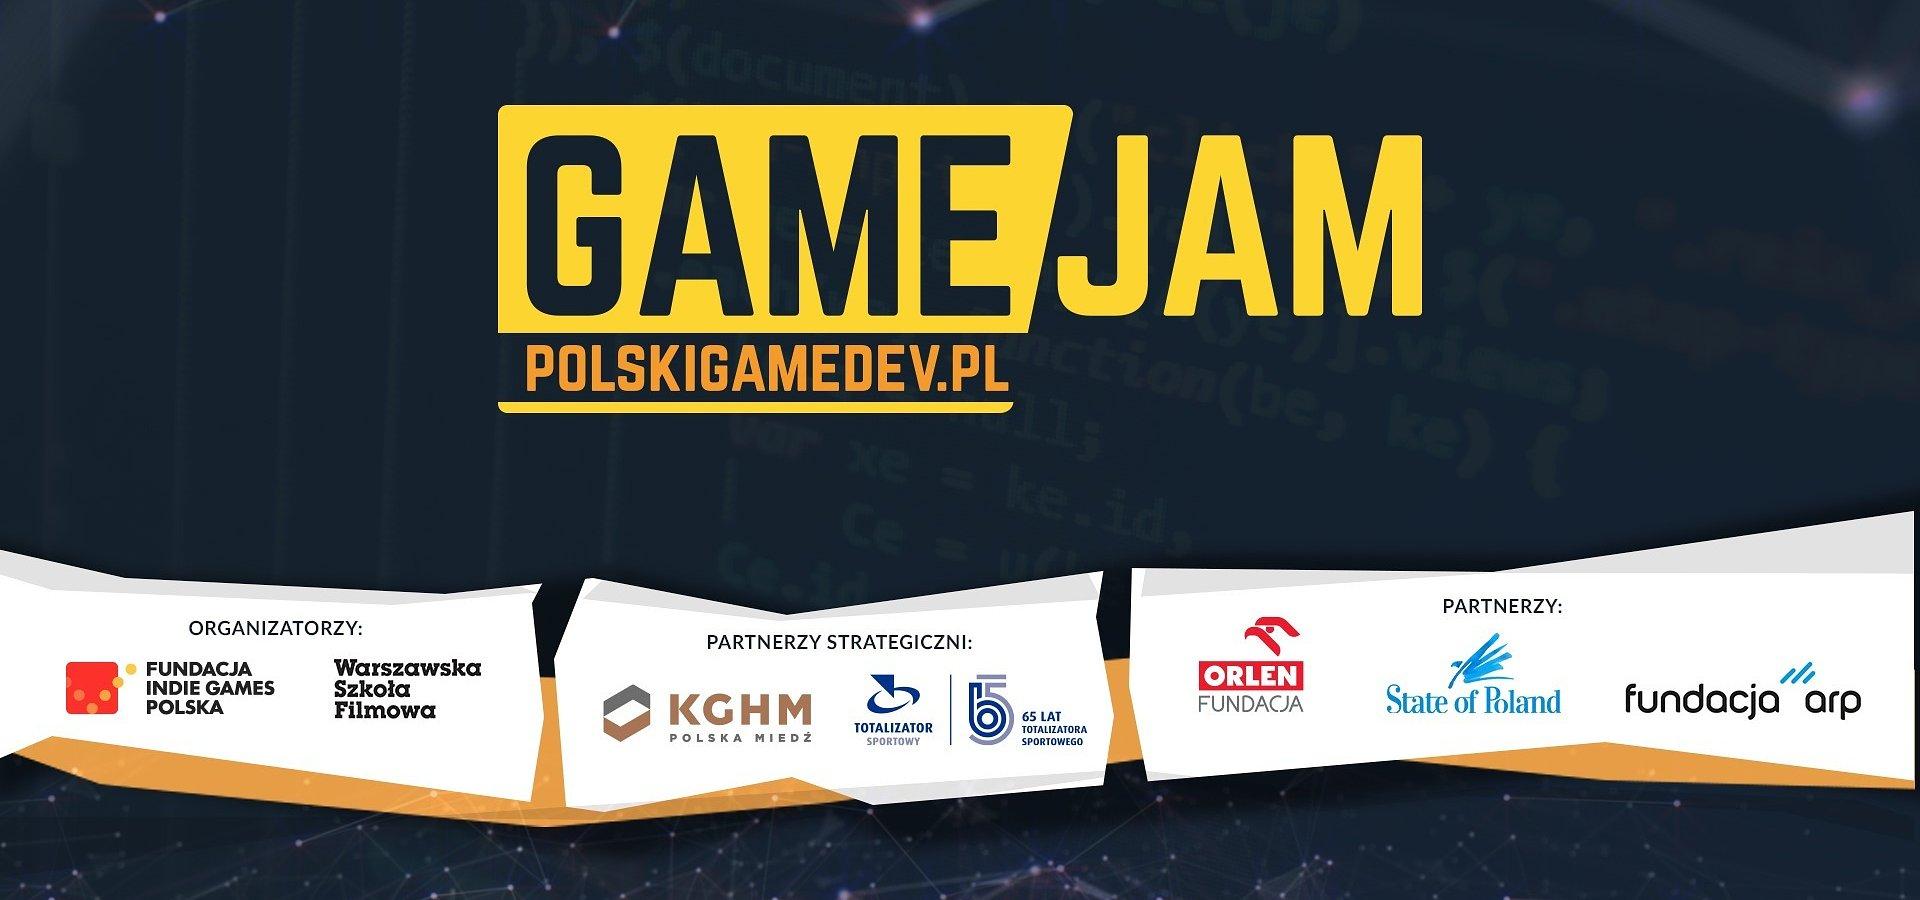 PolskiGamedev.pl: GameJam - Ruszyła rejestracja!